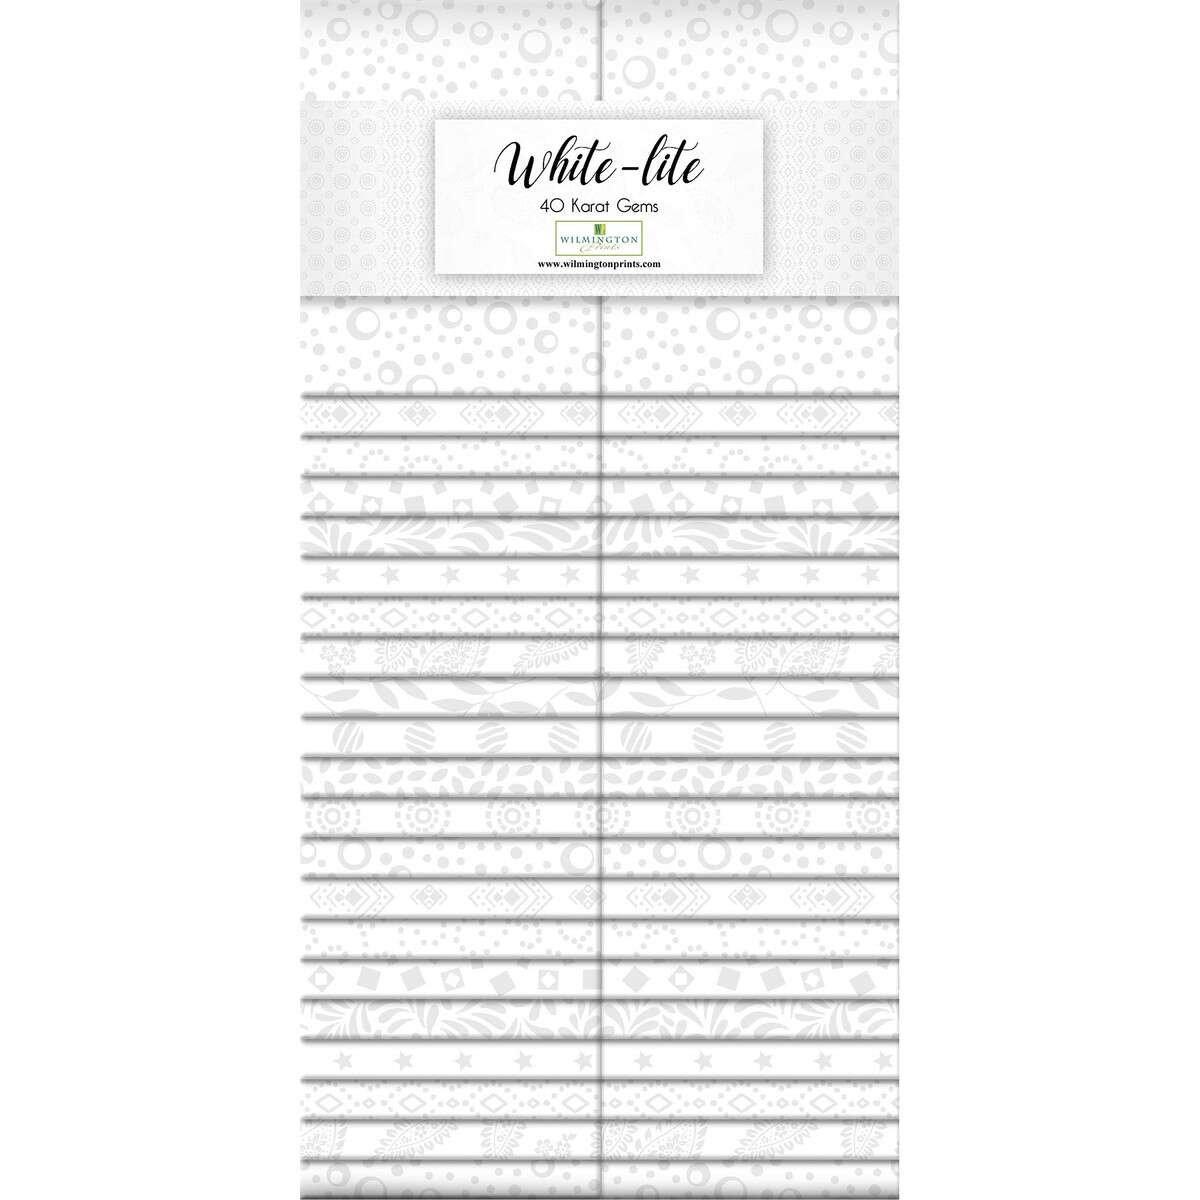 40 Karat Gems White-Lite